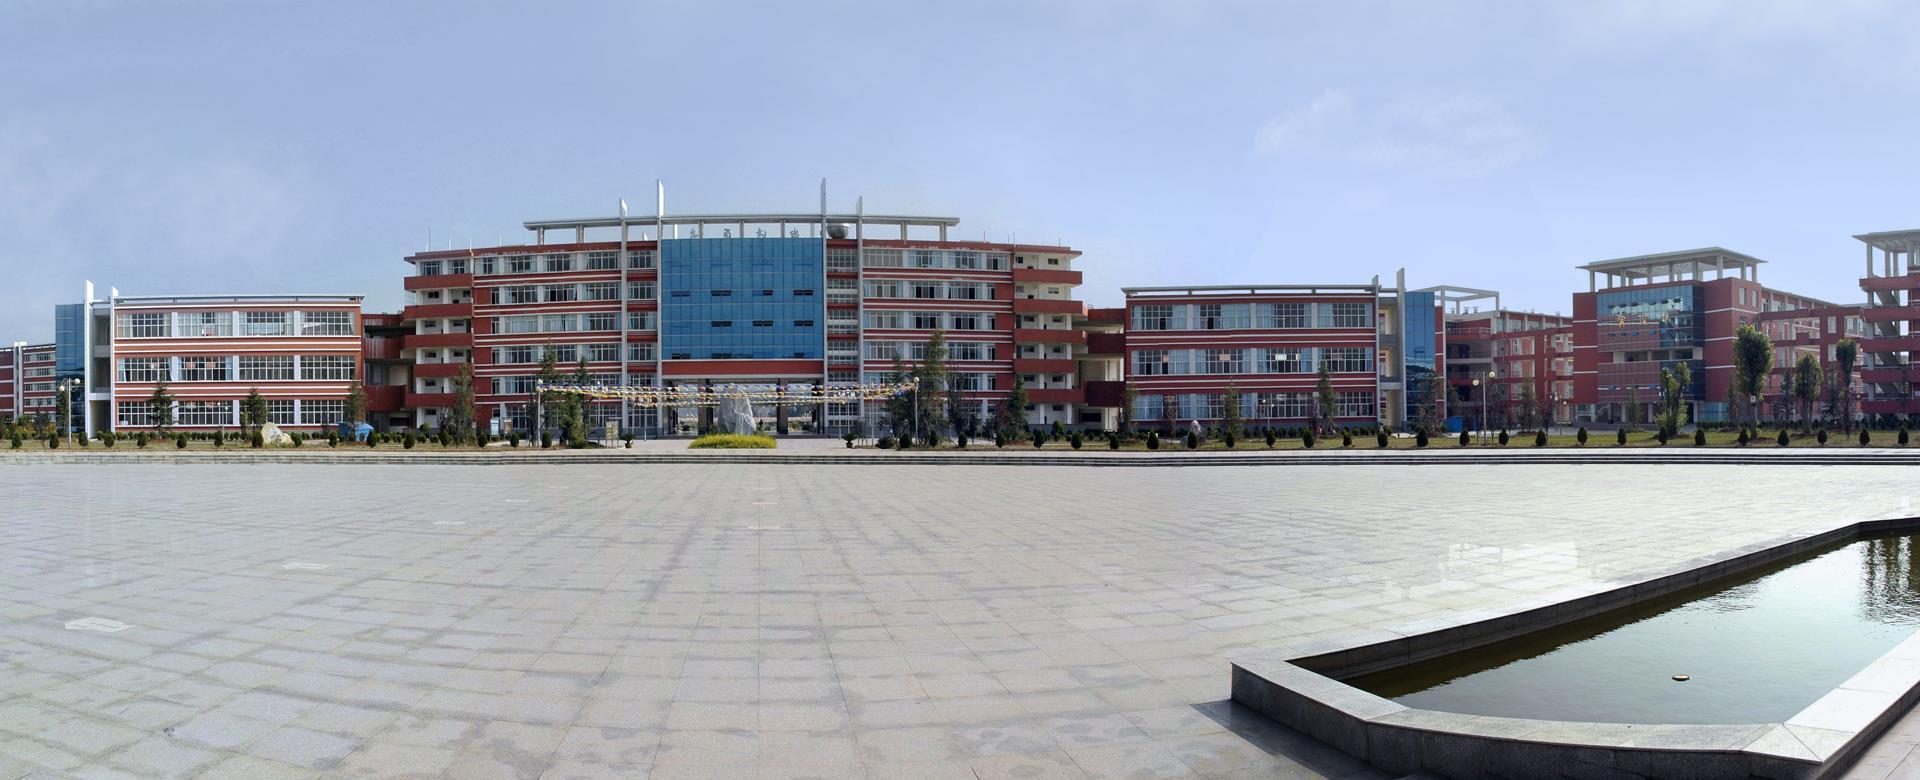 曲靖市卫生学校